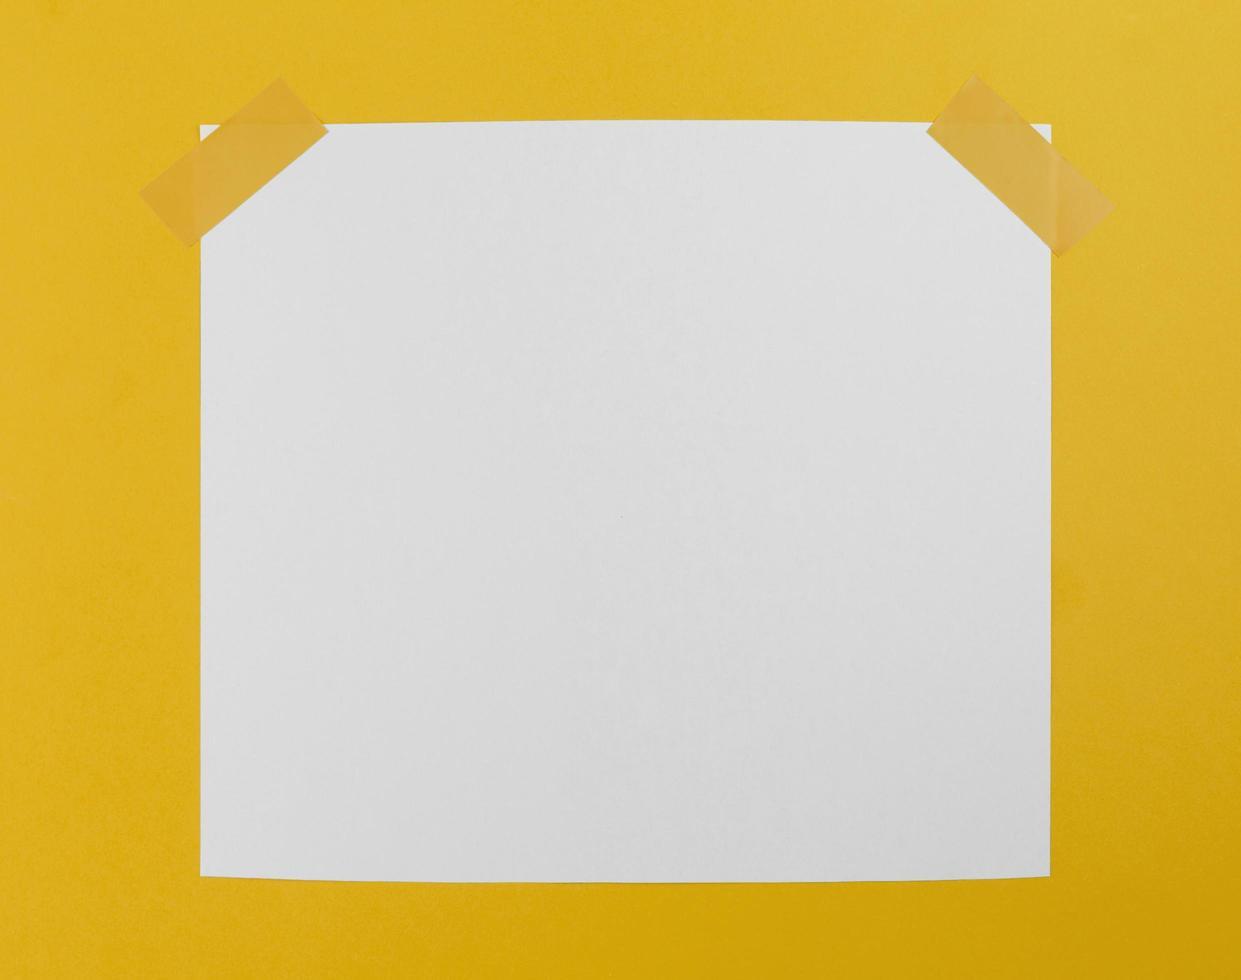 ovanifrån papper med tejp foto